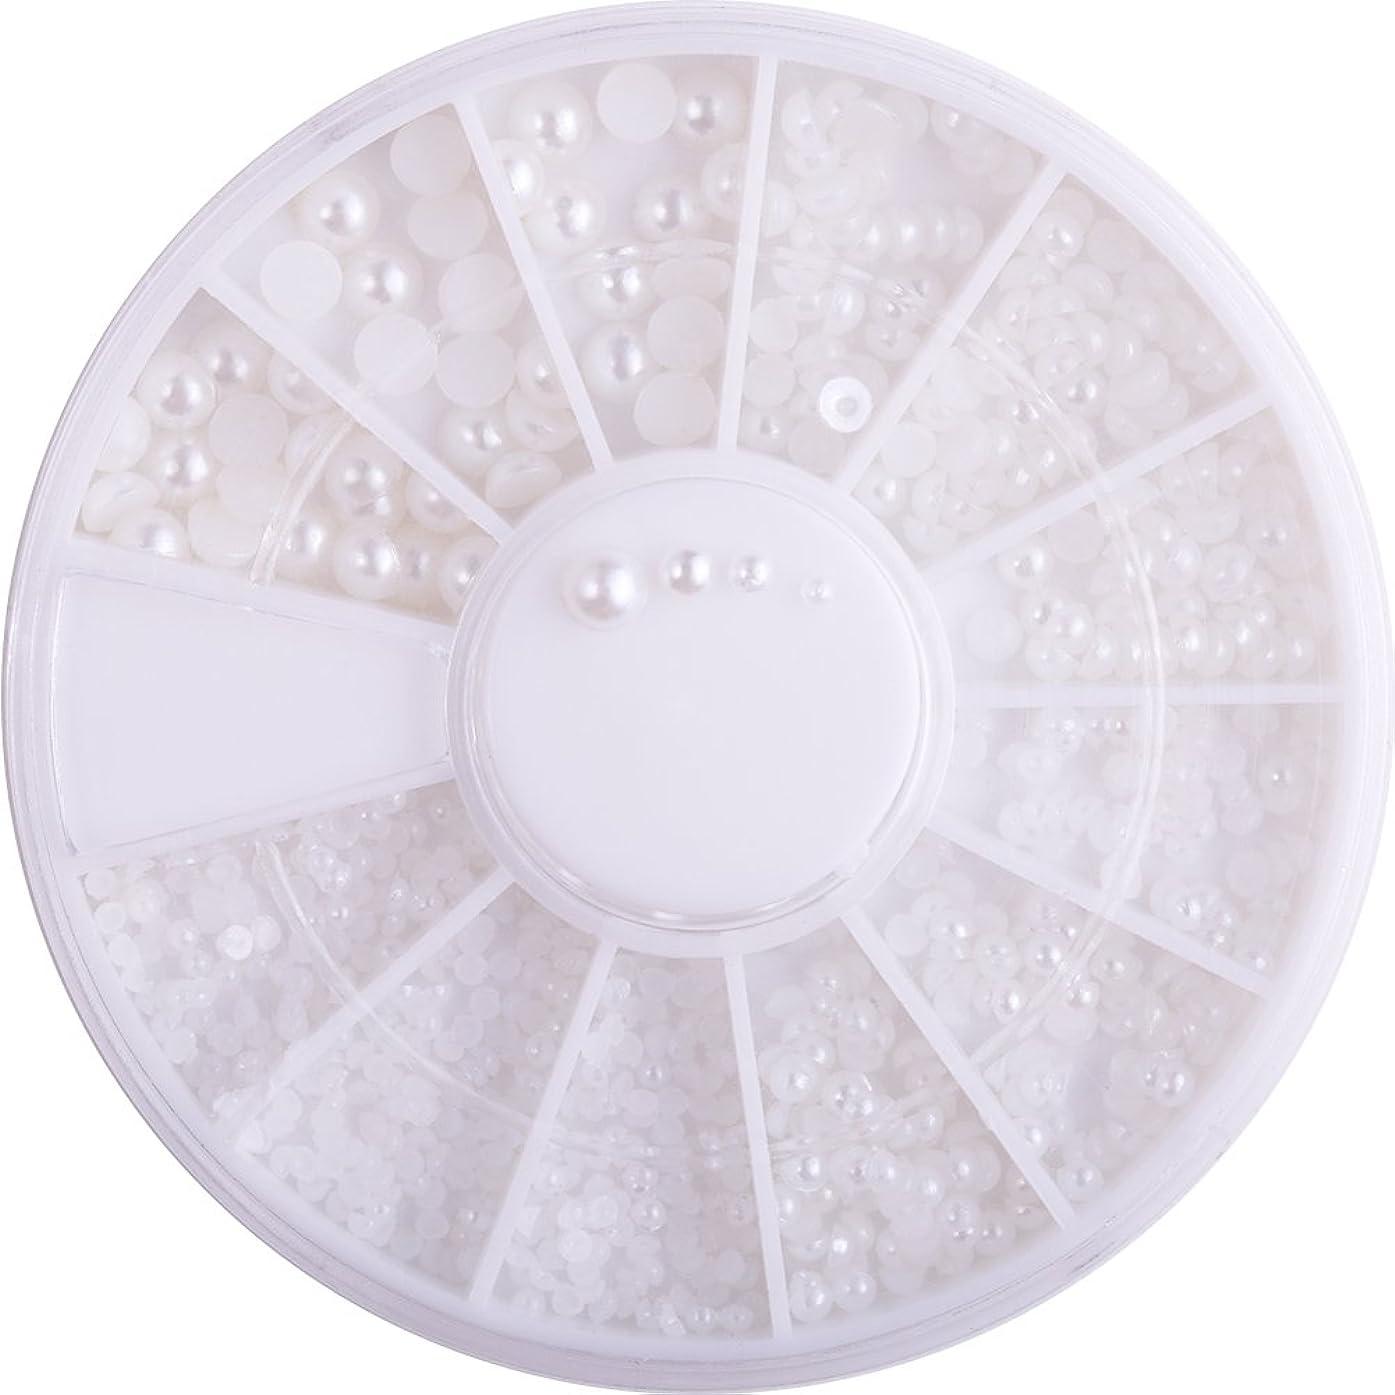 歯受動的まどろみのあるユニークモール(UniqueMall)半円パール ホワイト ネイル デコ用 1.5mm,2mm,2.5mm,3mm ラウンドケース入 ネイルアートパーツ ネイル用品